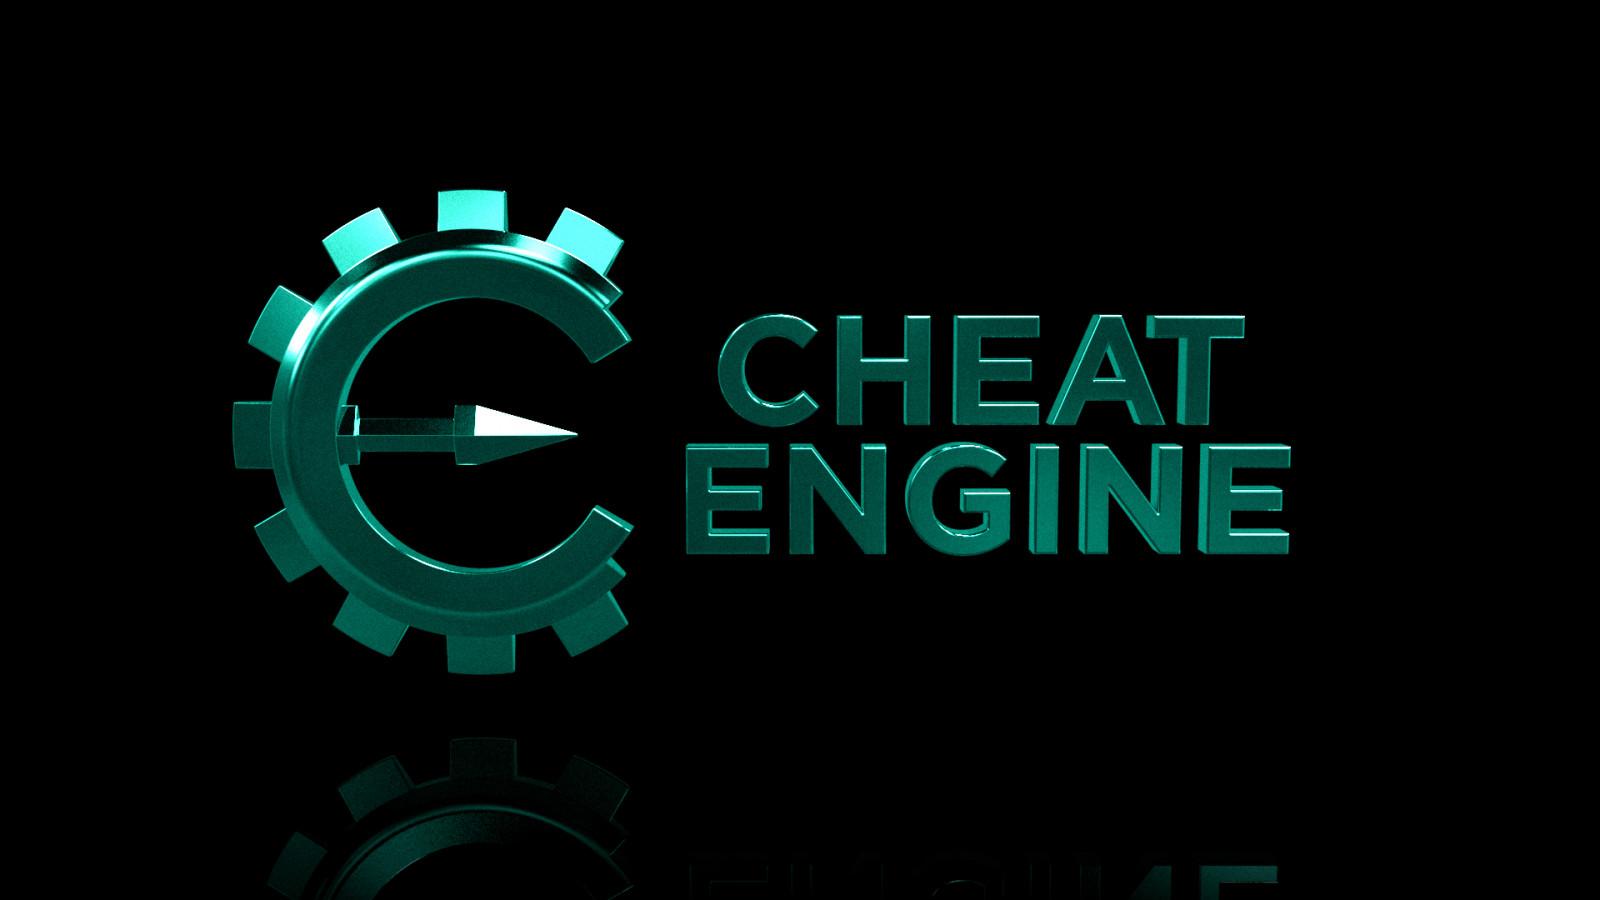 Cheat engine как сделать русским фото 805